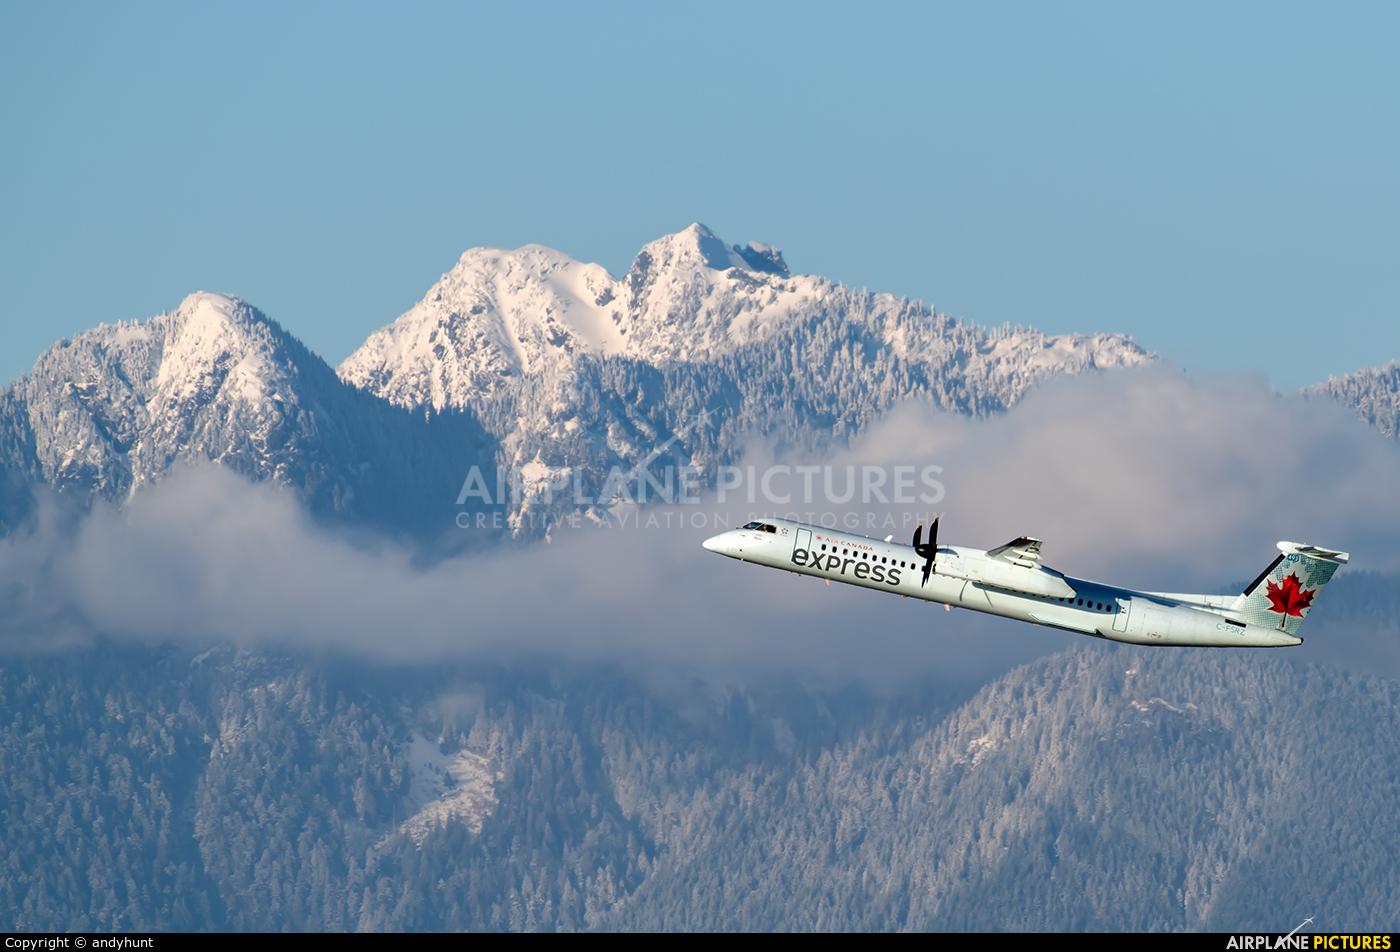 Air Canada Express C-FSRZ aircraft at Vancouver Intl, BC